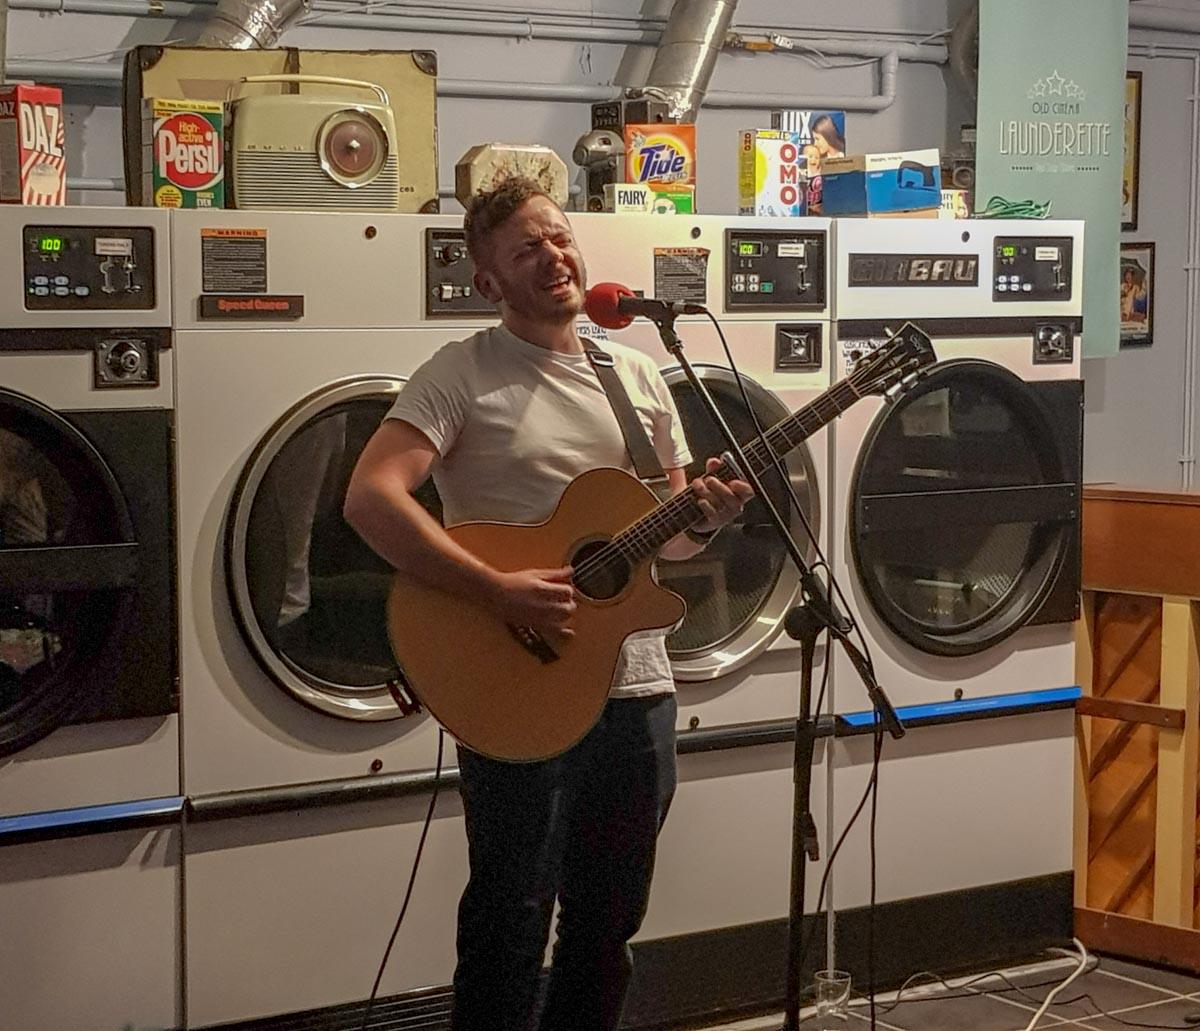 durham-singing Launderette Sessions, Durham - A Unique Gig Venue